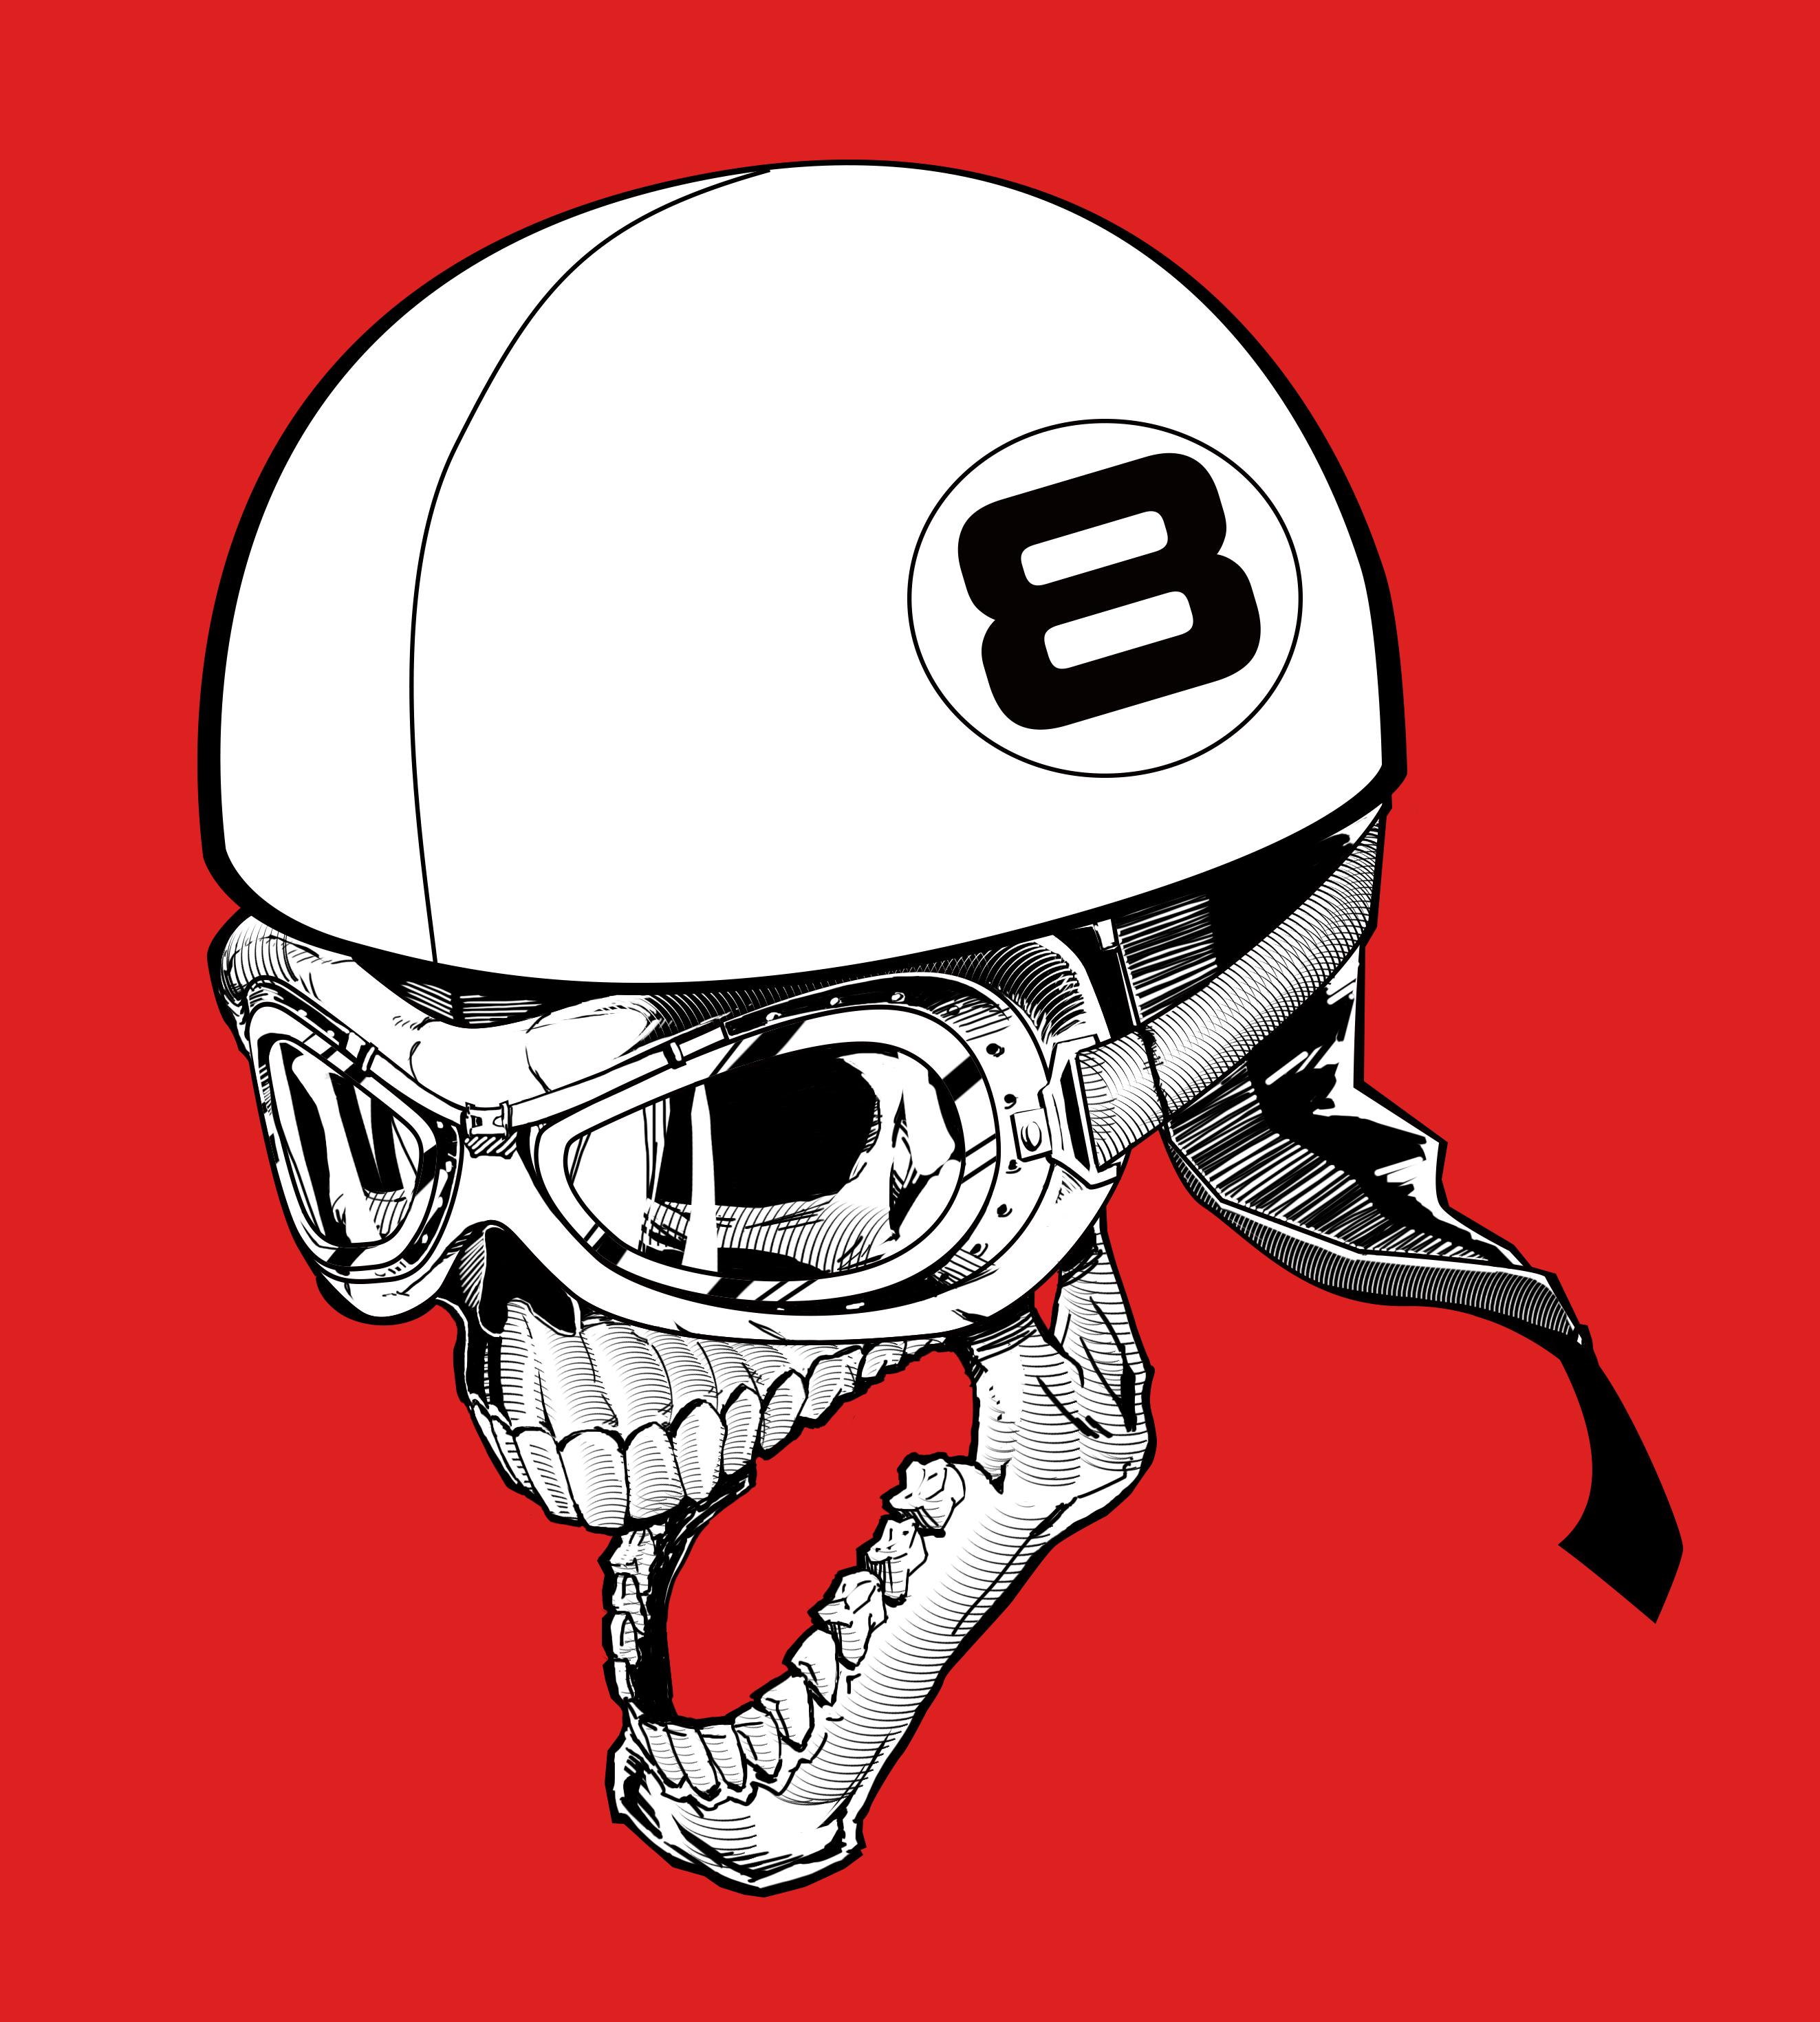 priv8teer skull logo